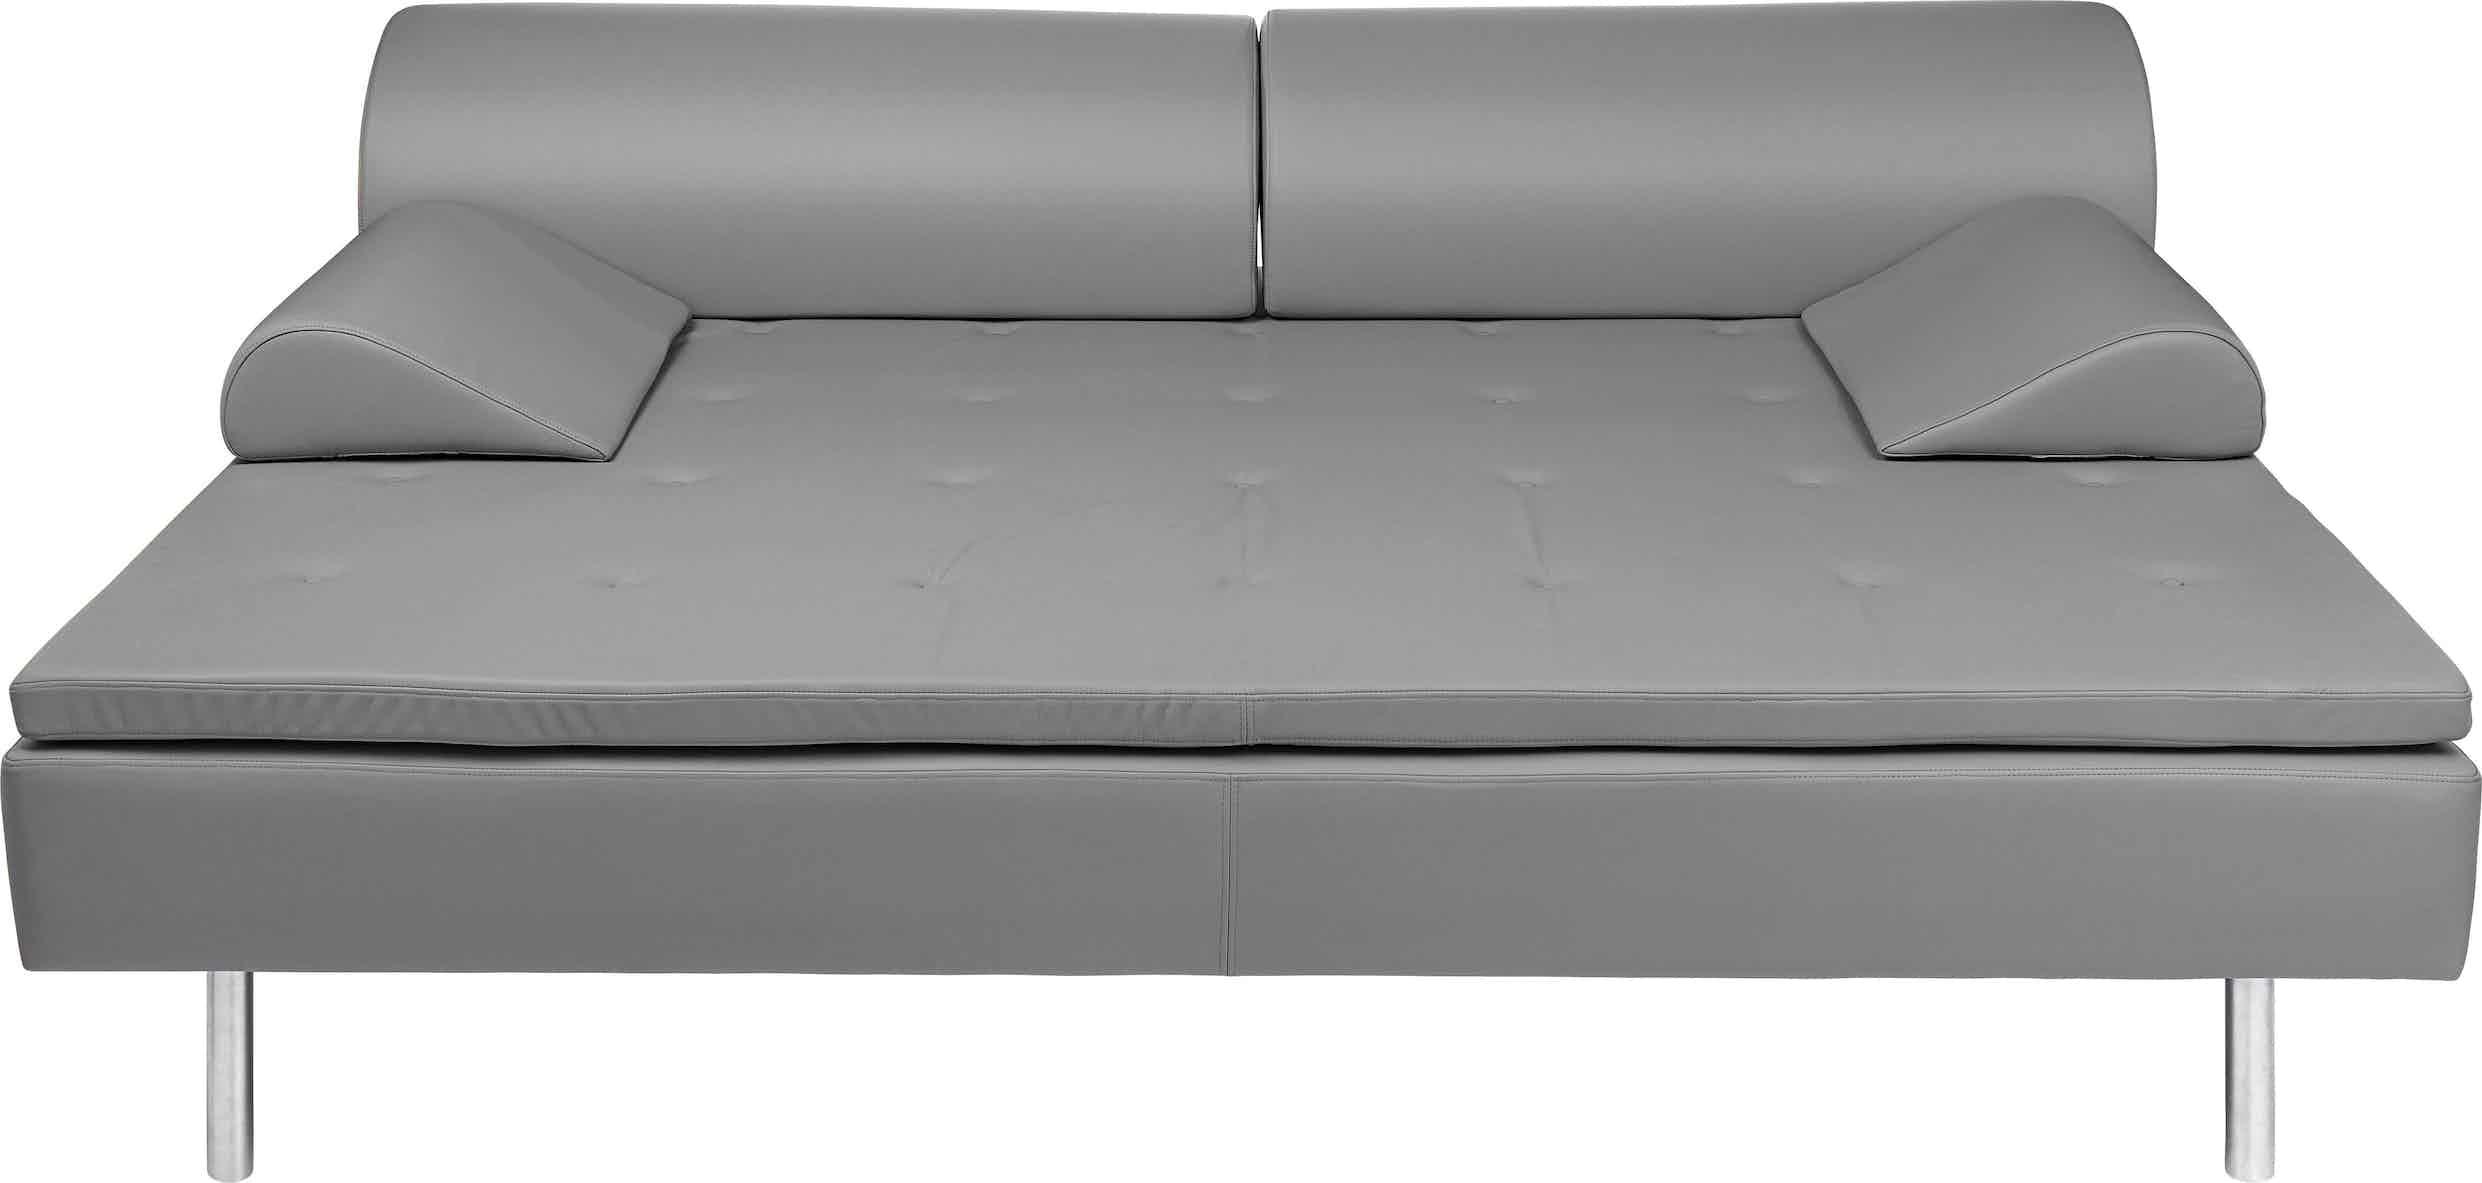 Gubi diva daybed grey front haute living